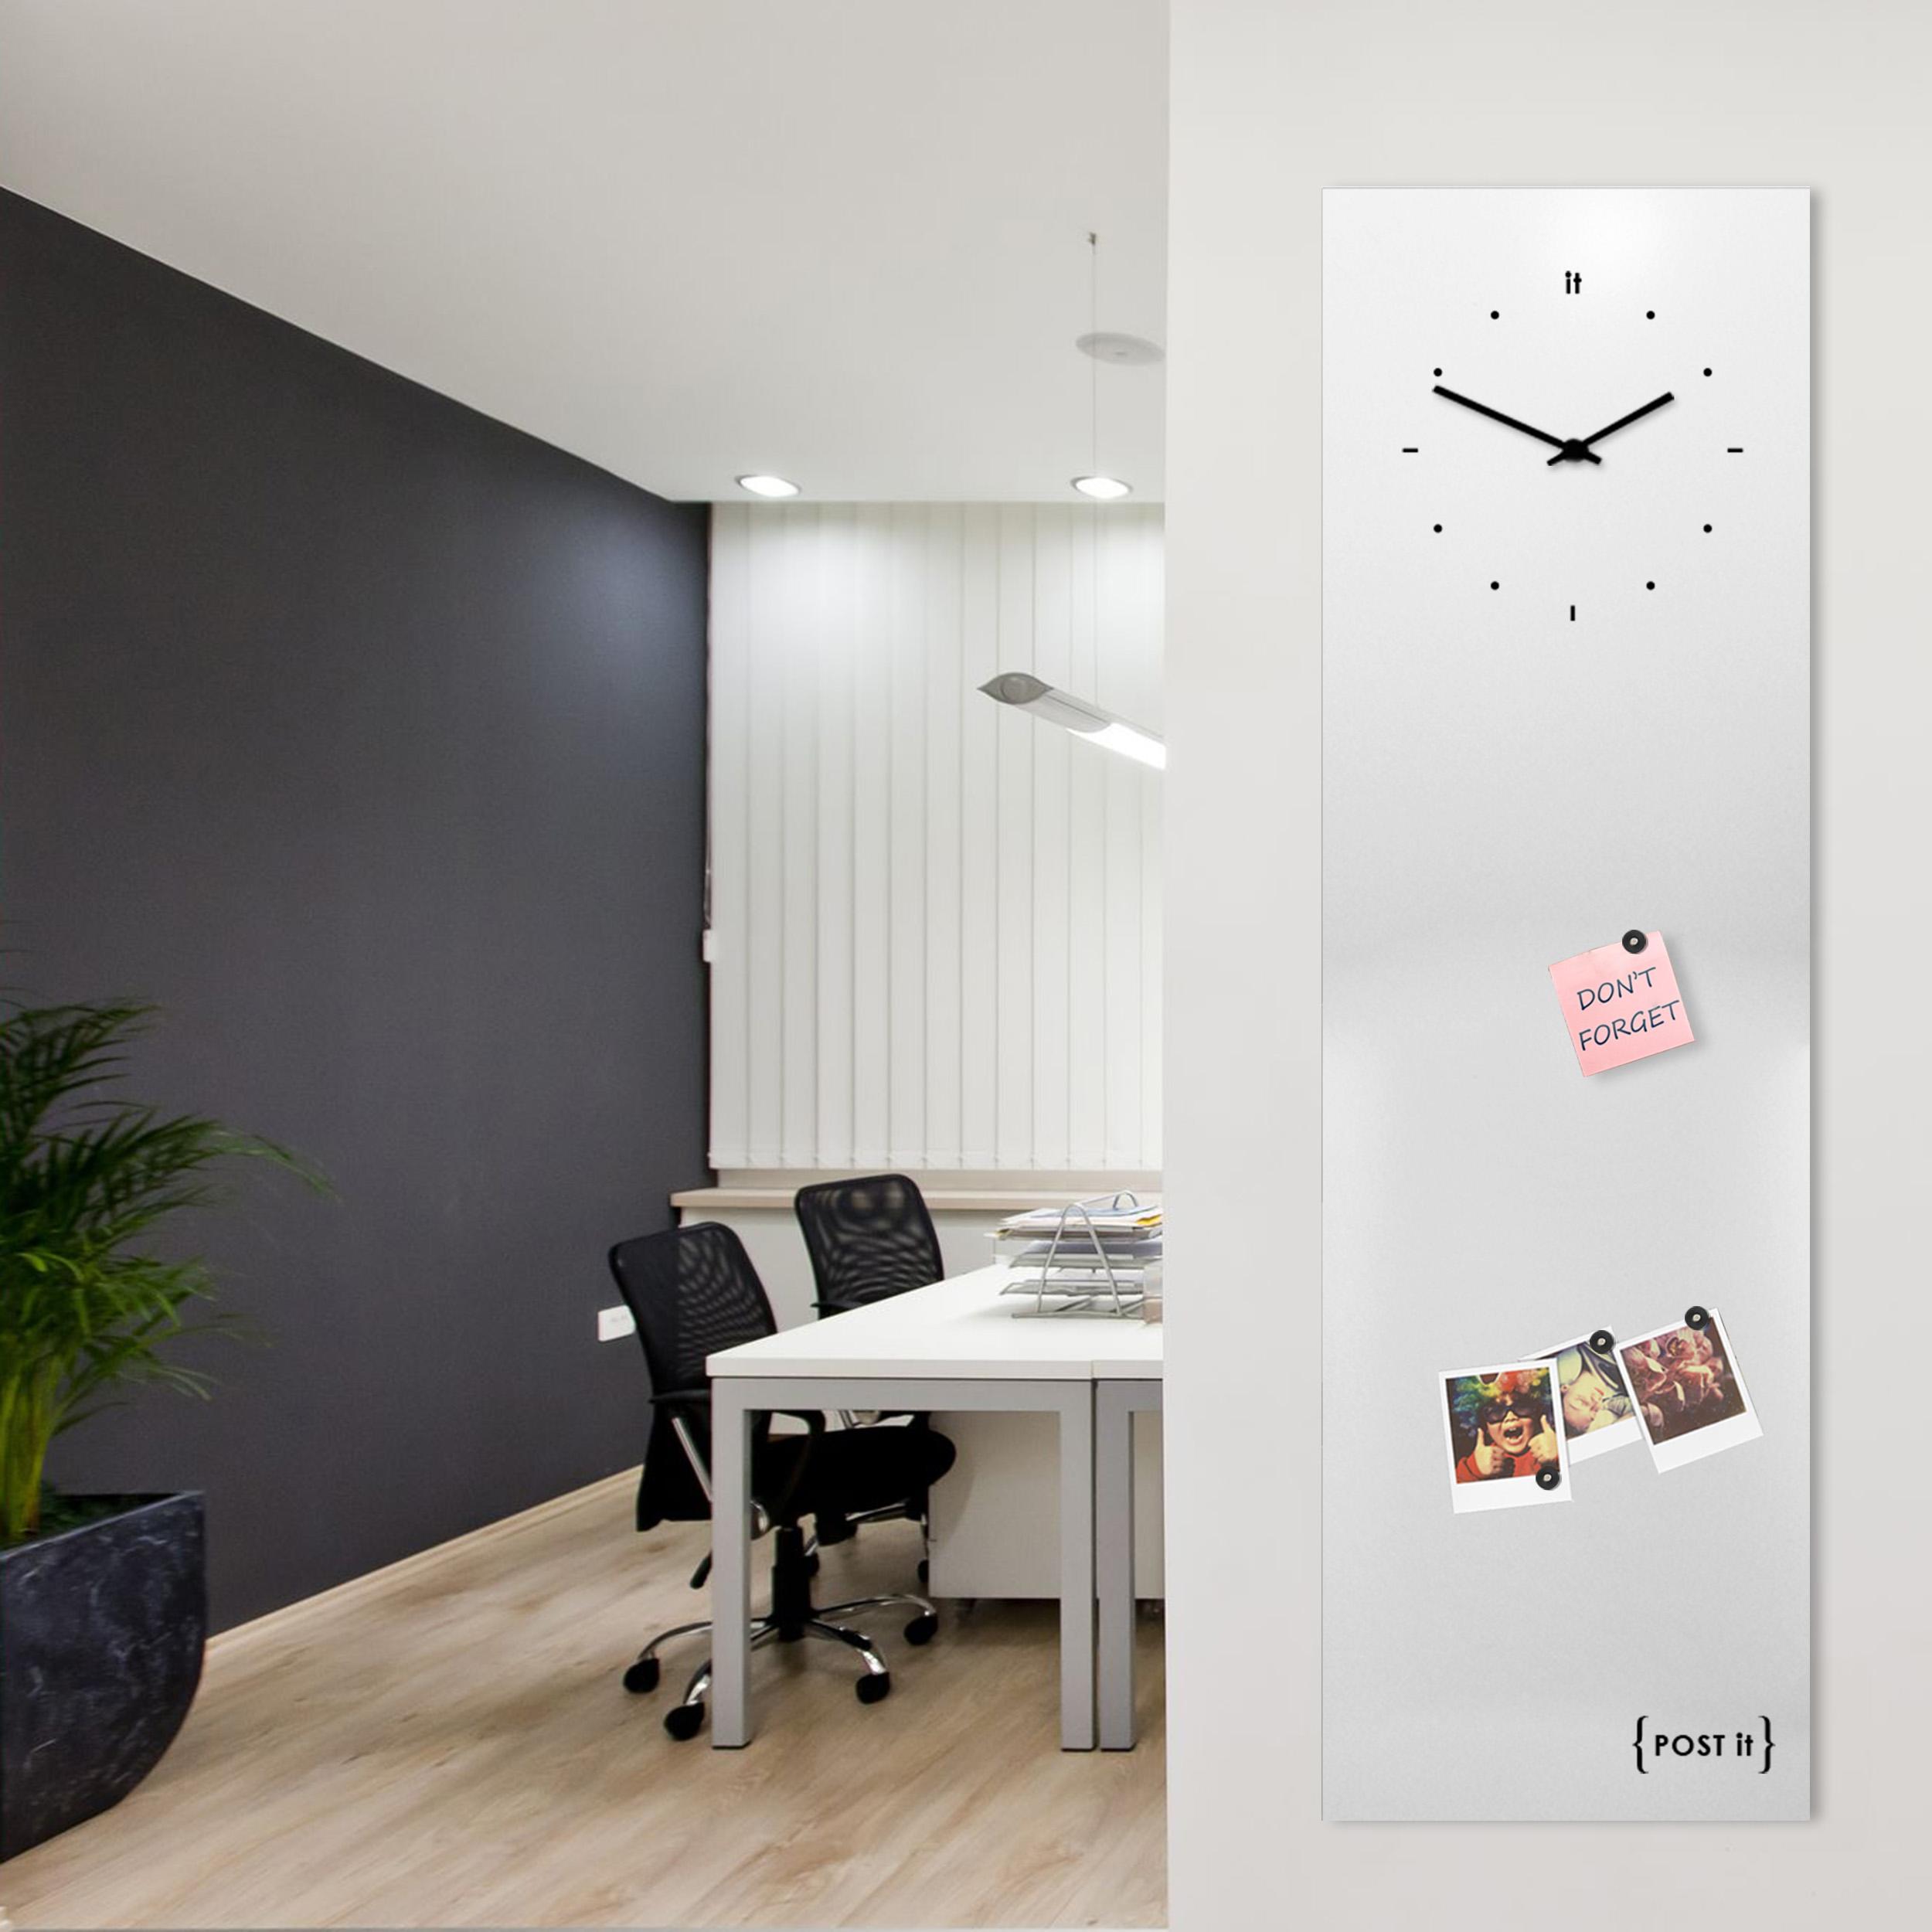 clock-design-magnetic-board-orologio-lavagna-magnetica-post it-white-mood